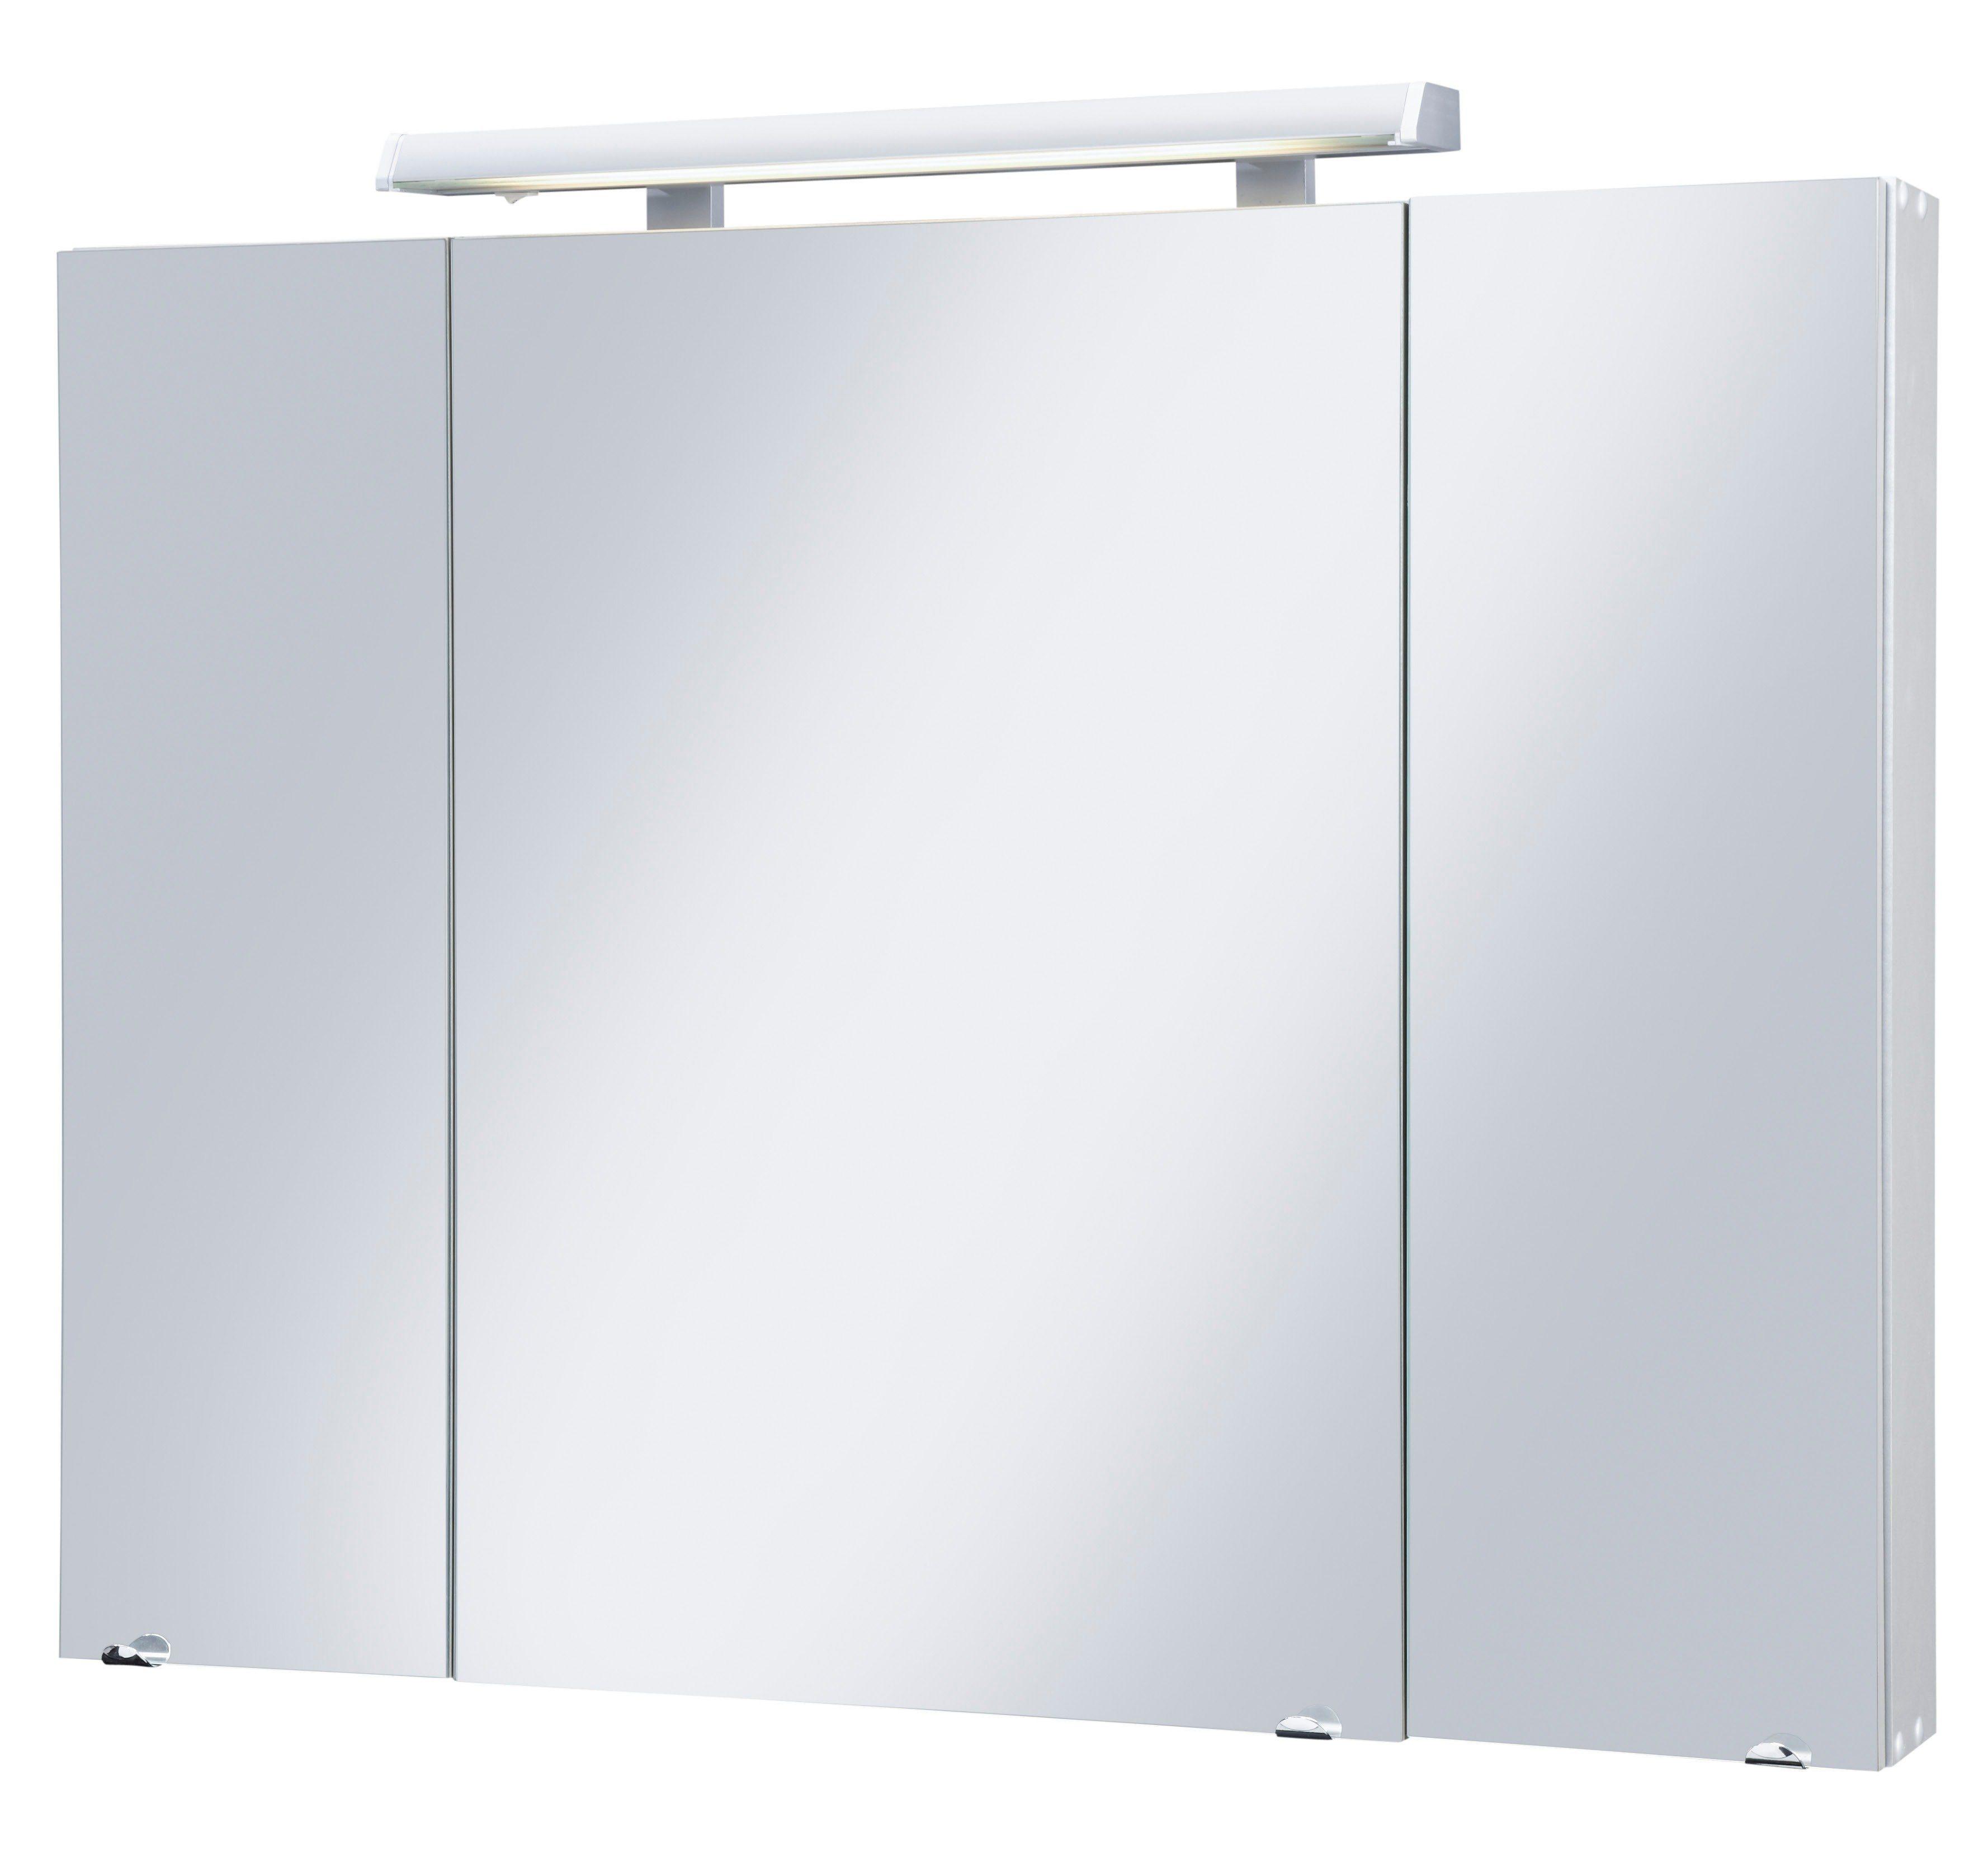 KESPER Spiegelschrank »Livorno«, Breite 100 cm